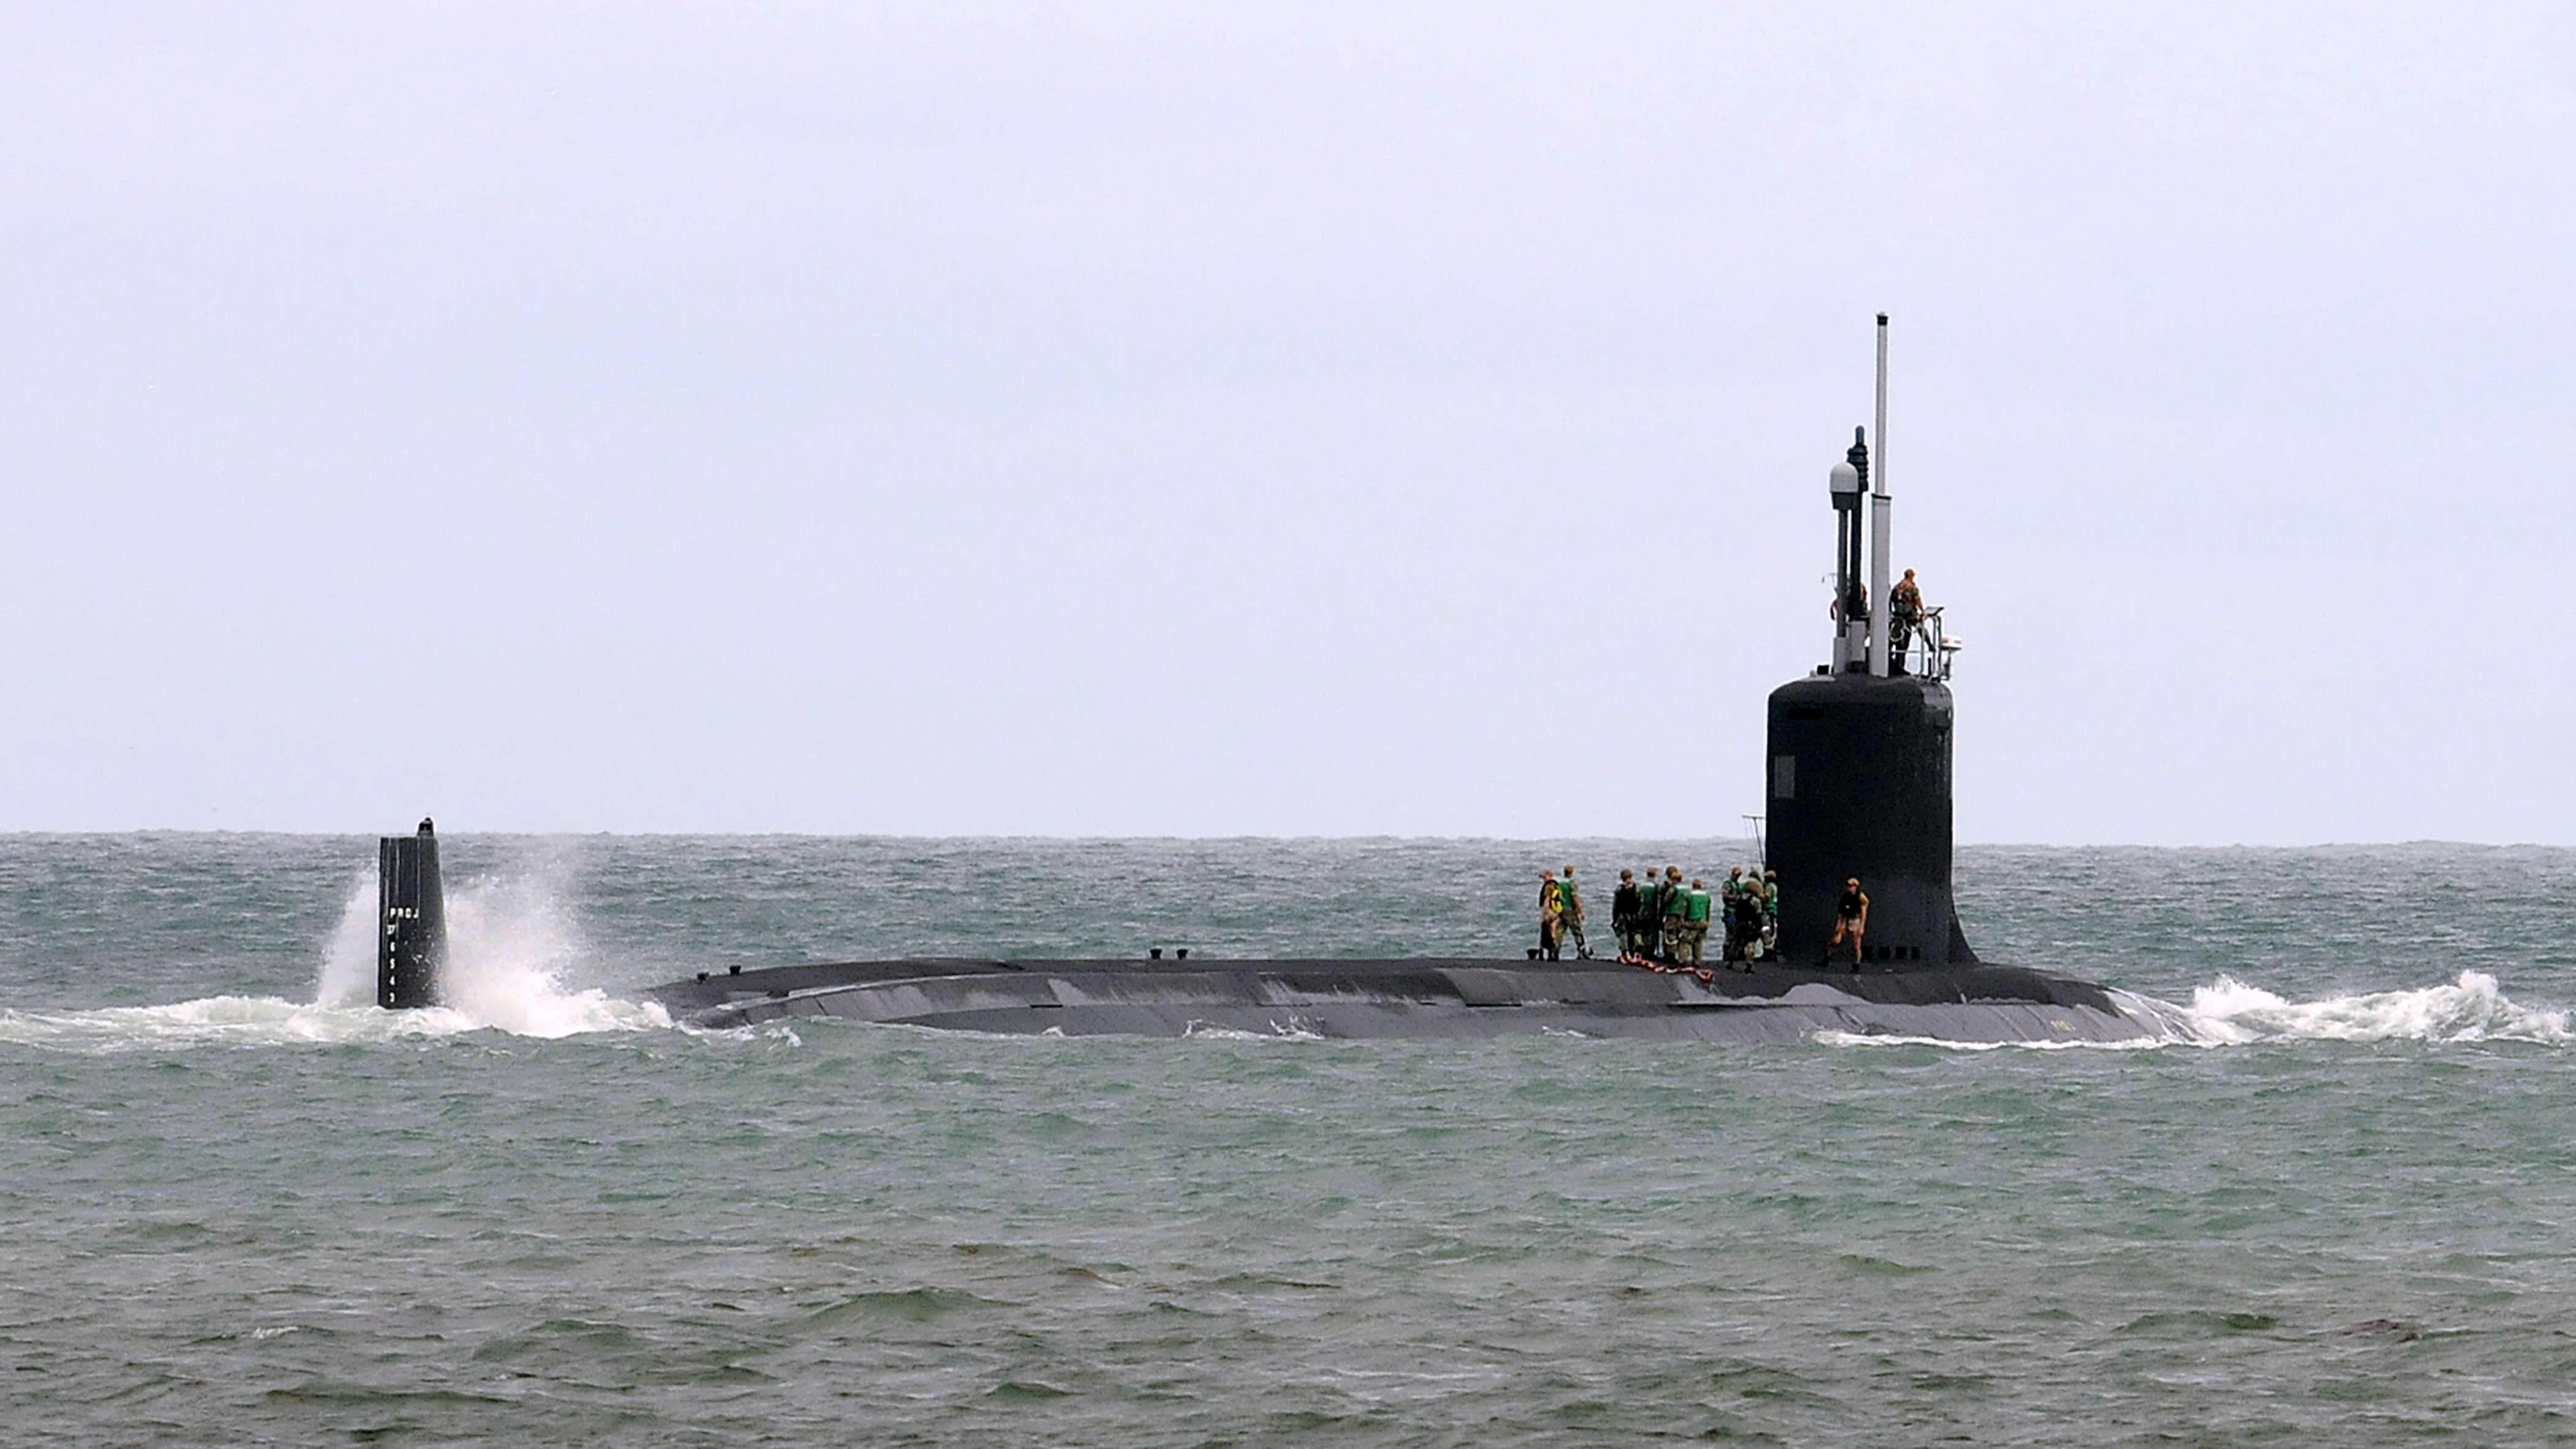 Iso sukellusvene vesillä, puoliksi pinnalla. Veneen päällä seisoo ihmisiä.